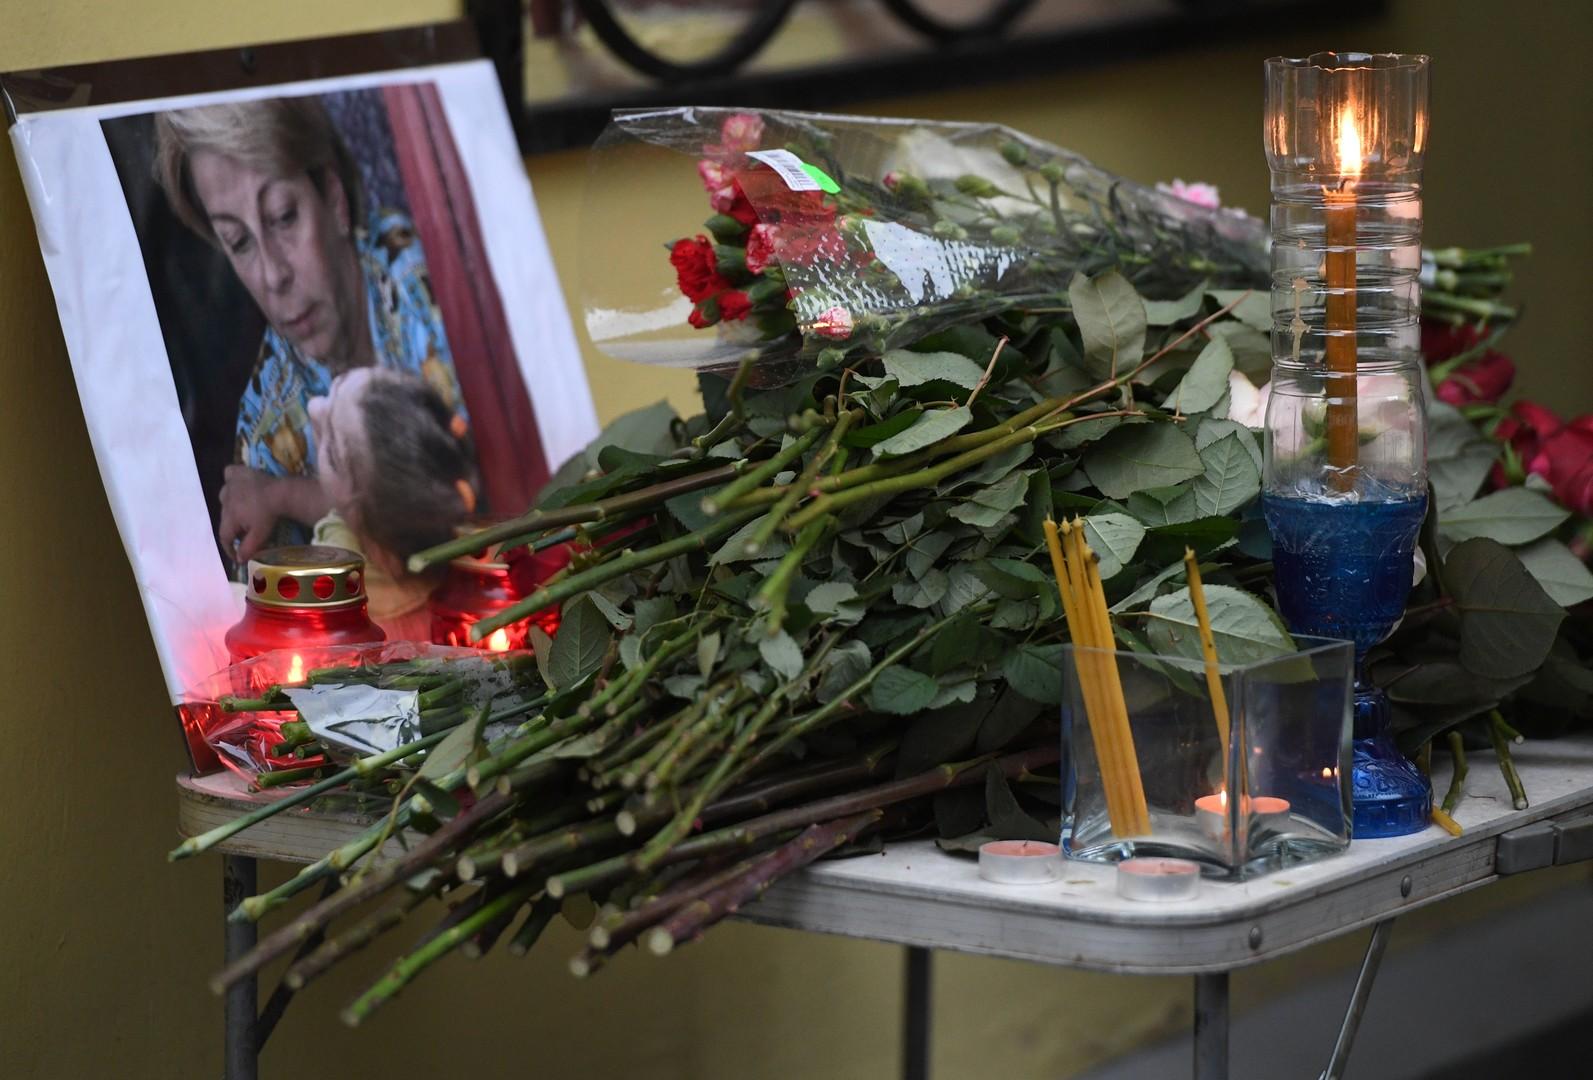 La Russie en deuil pour les victimes de la tragédie du crash de l'avion TU-154 (PHOTOS, VIDEOS)